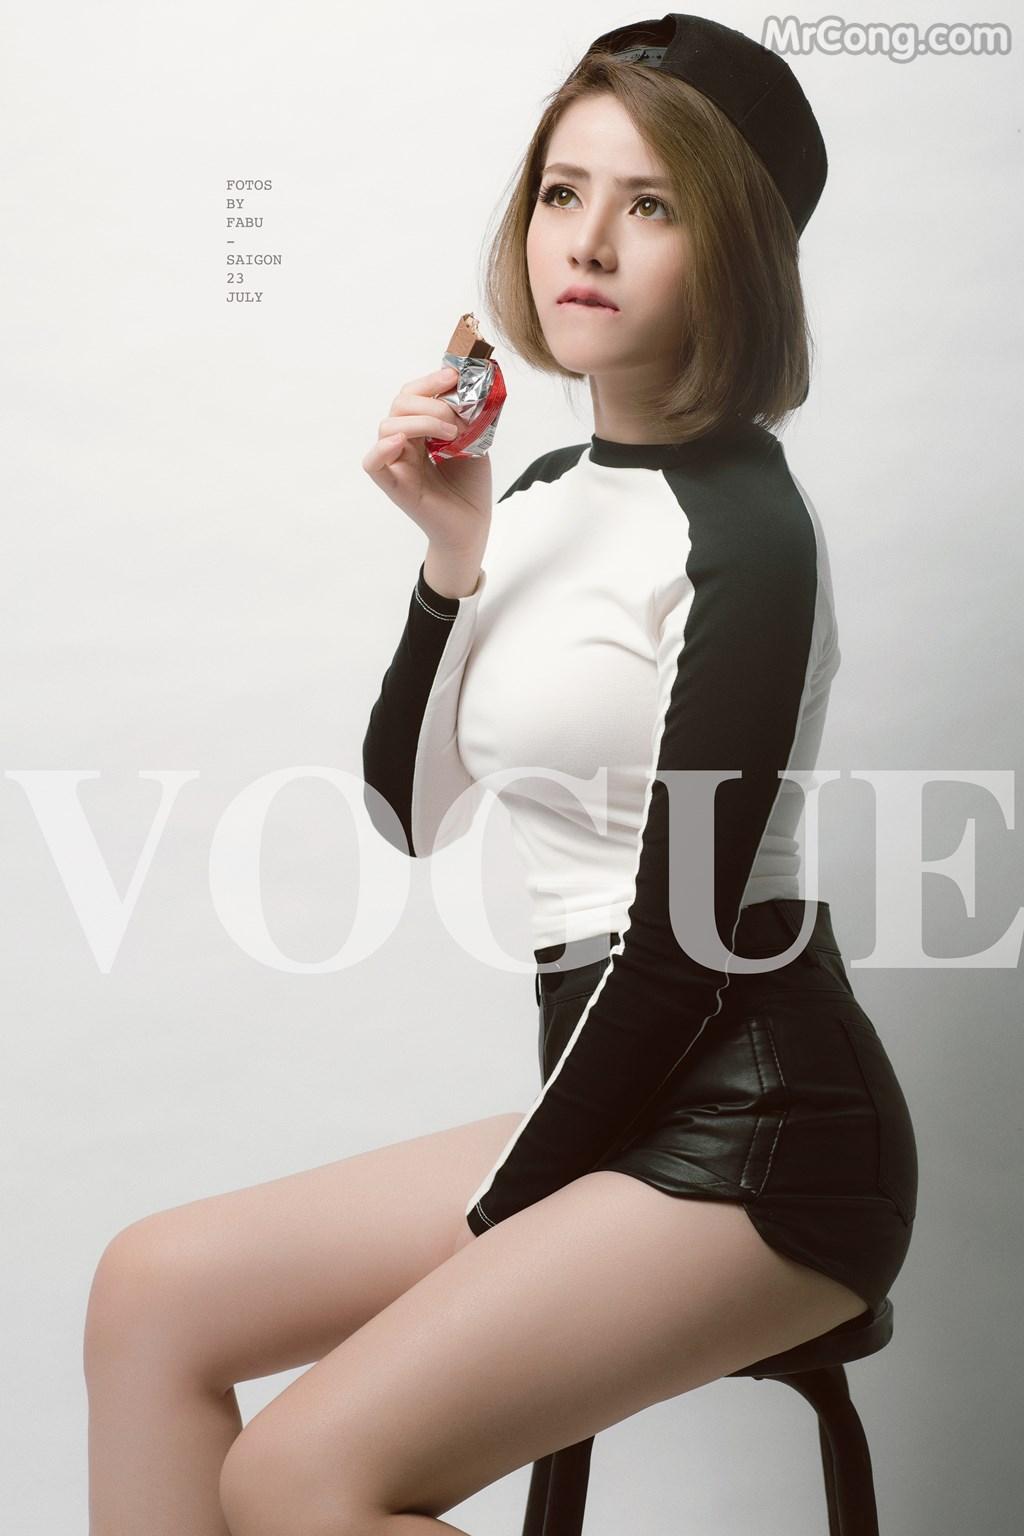 Image Girl-Xinh-Viet-Nam-by-Khanh-Hoang-MrCong.com-015 in post Tổng hợp ảnh girl xinh Việt Nam chất lượng cao – Phần 29 (314 ảnh)